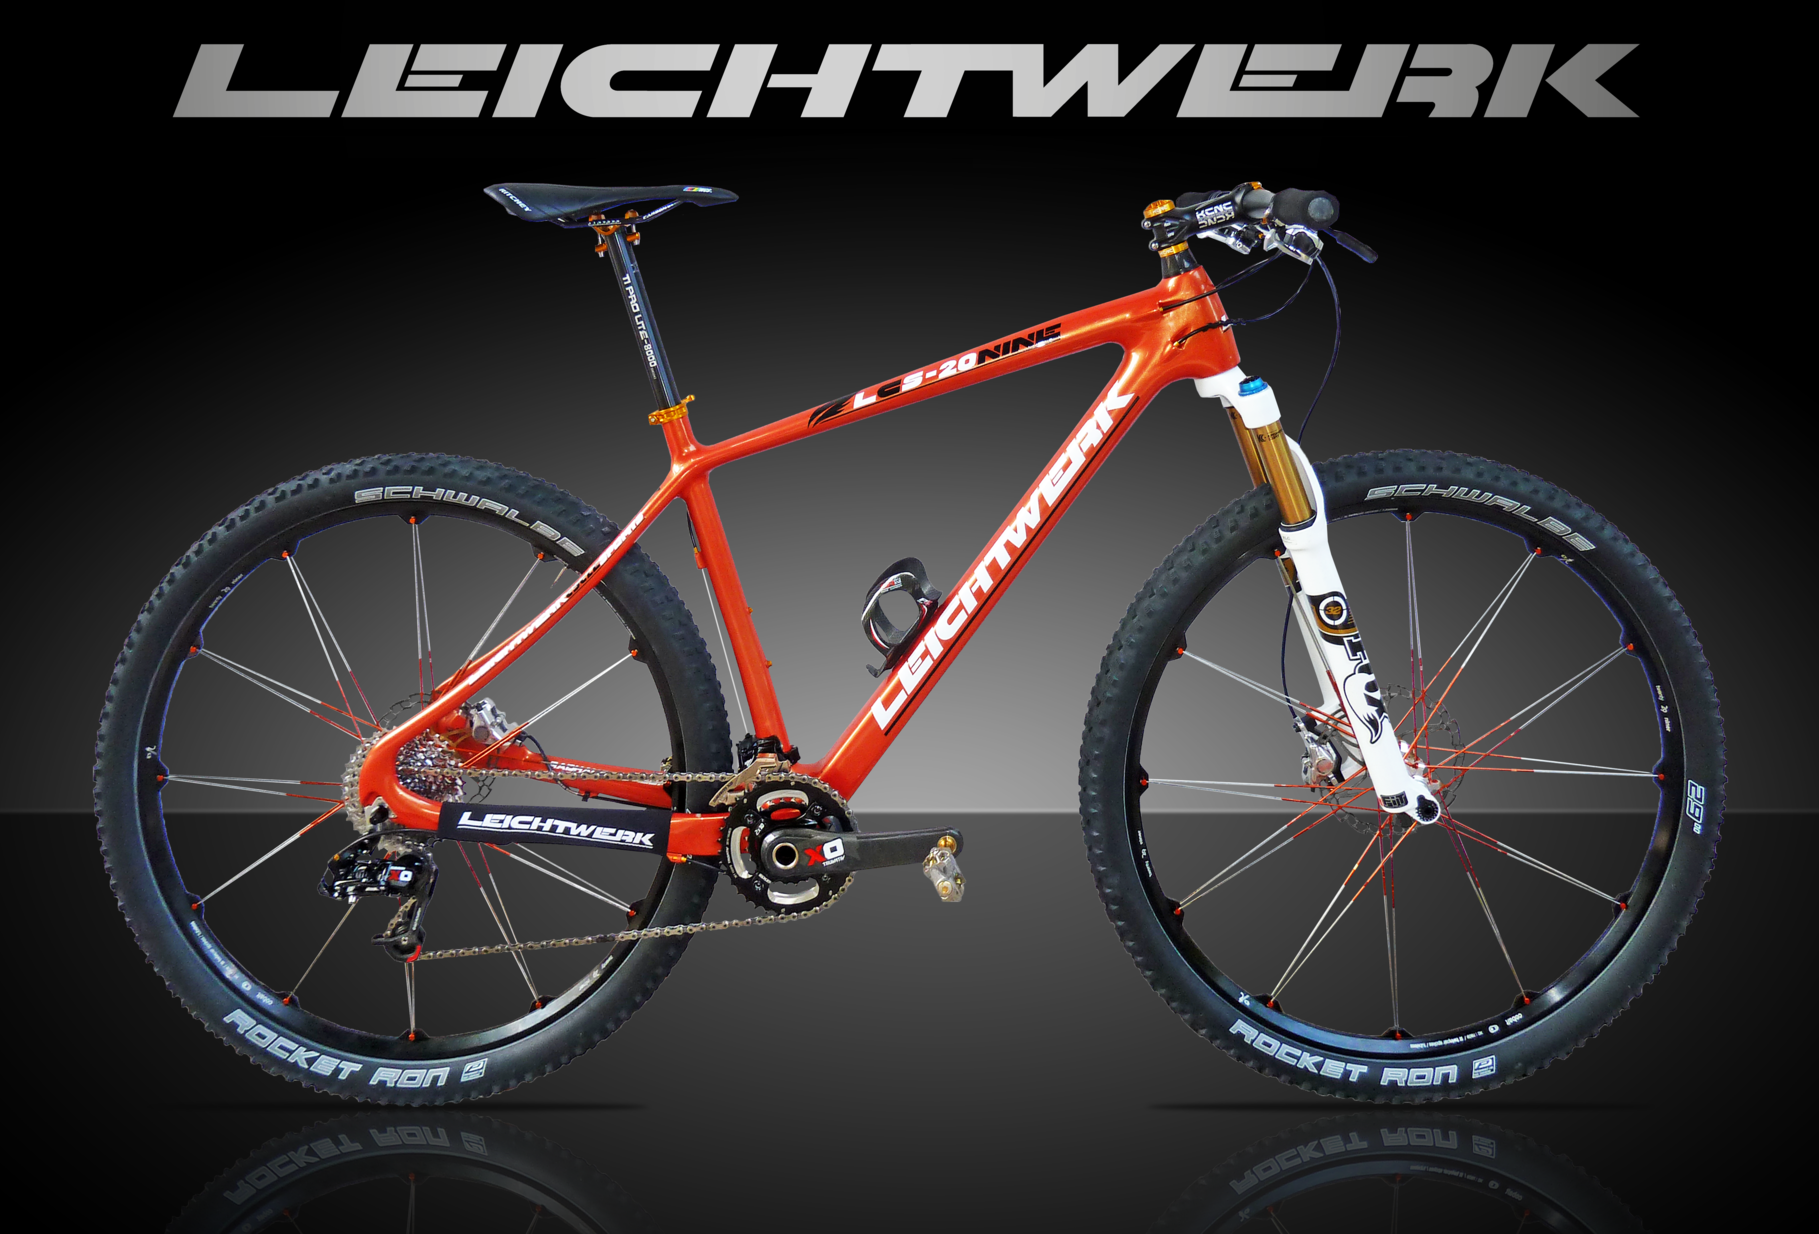 Leichtwerk bikes - leichtwerk-bikes1s Webseite!